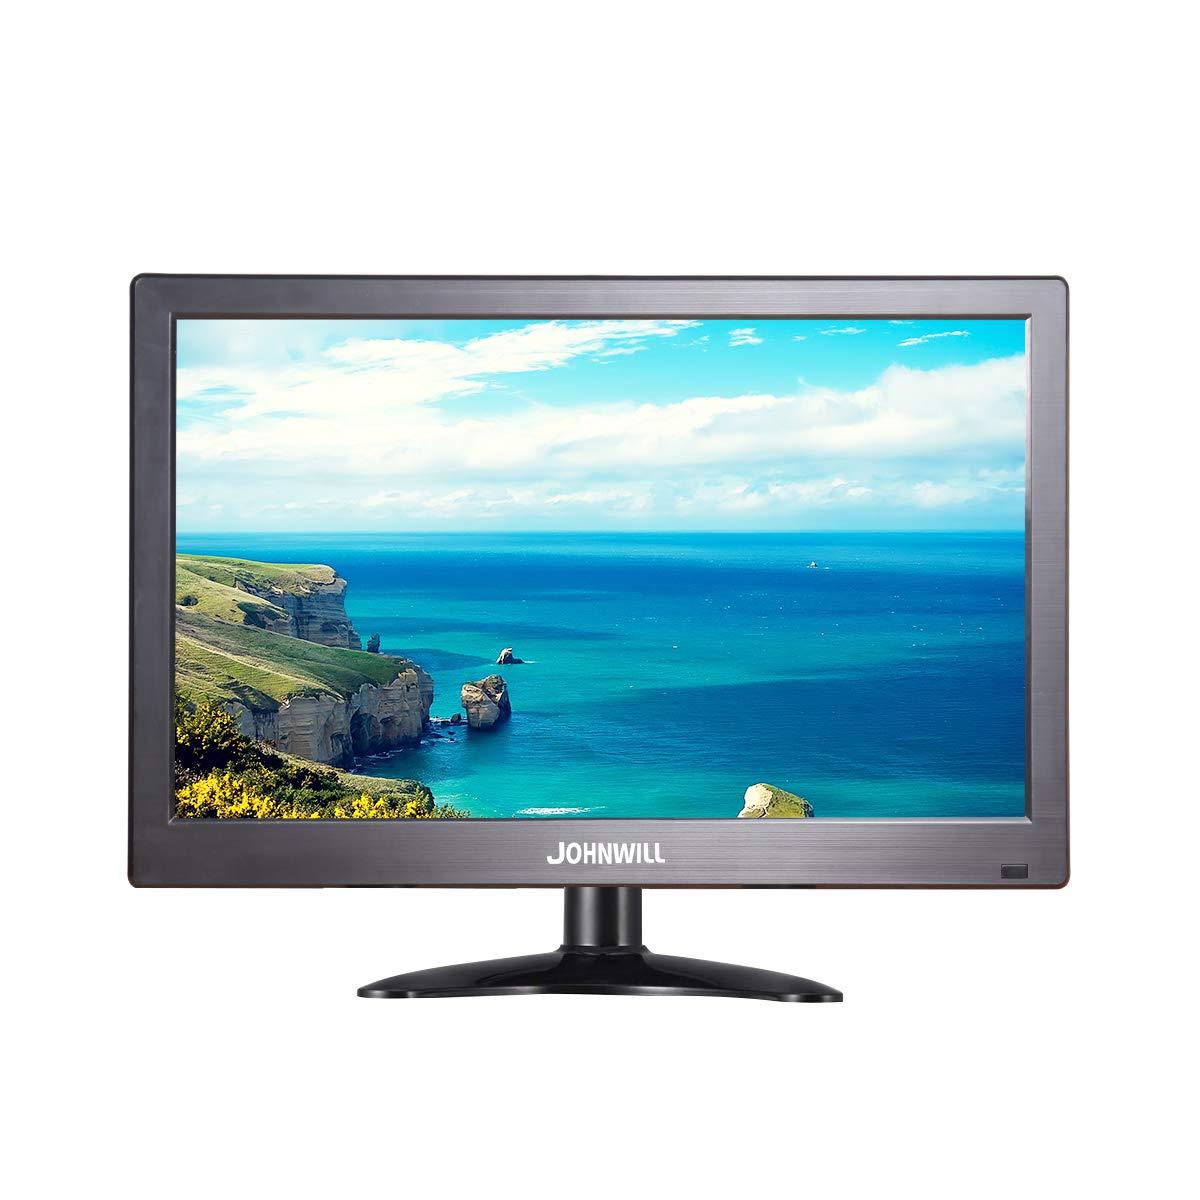 monitor pequeno portatil de 12 polegadas pc ips 1080p monitor para jogos hdmi vga